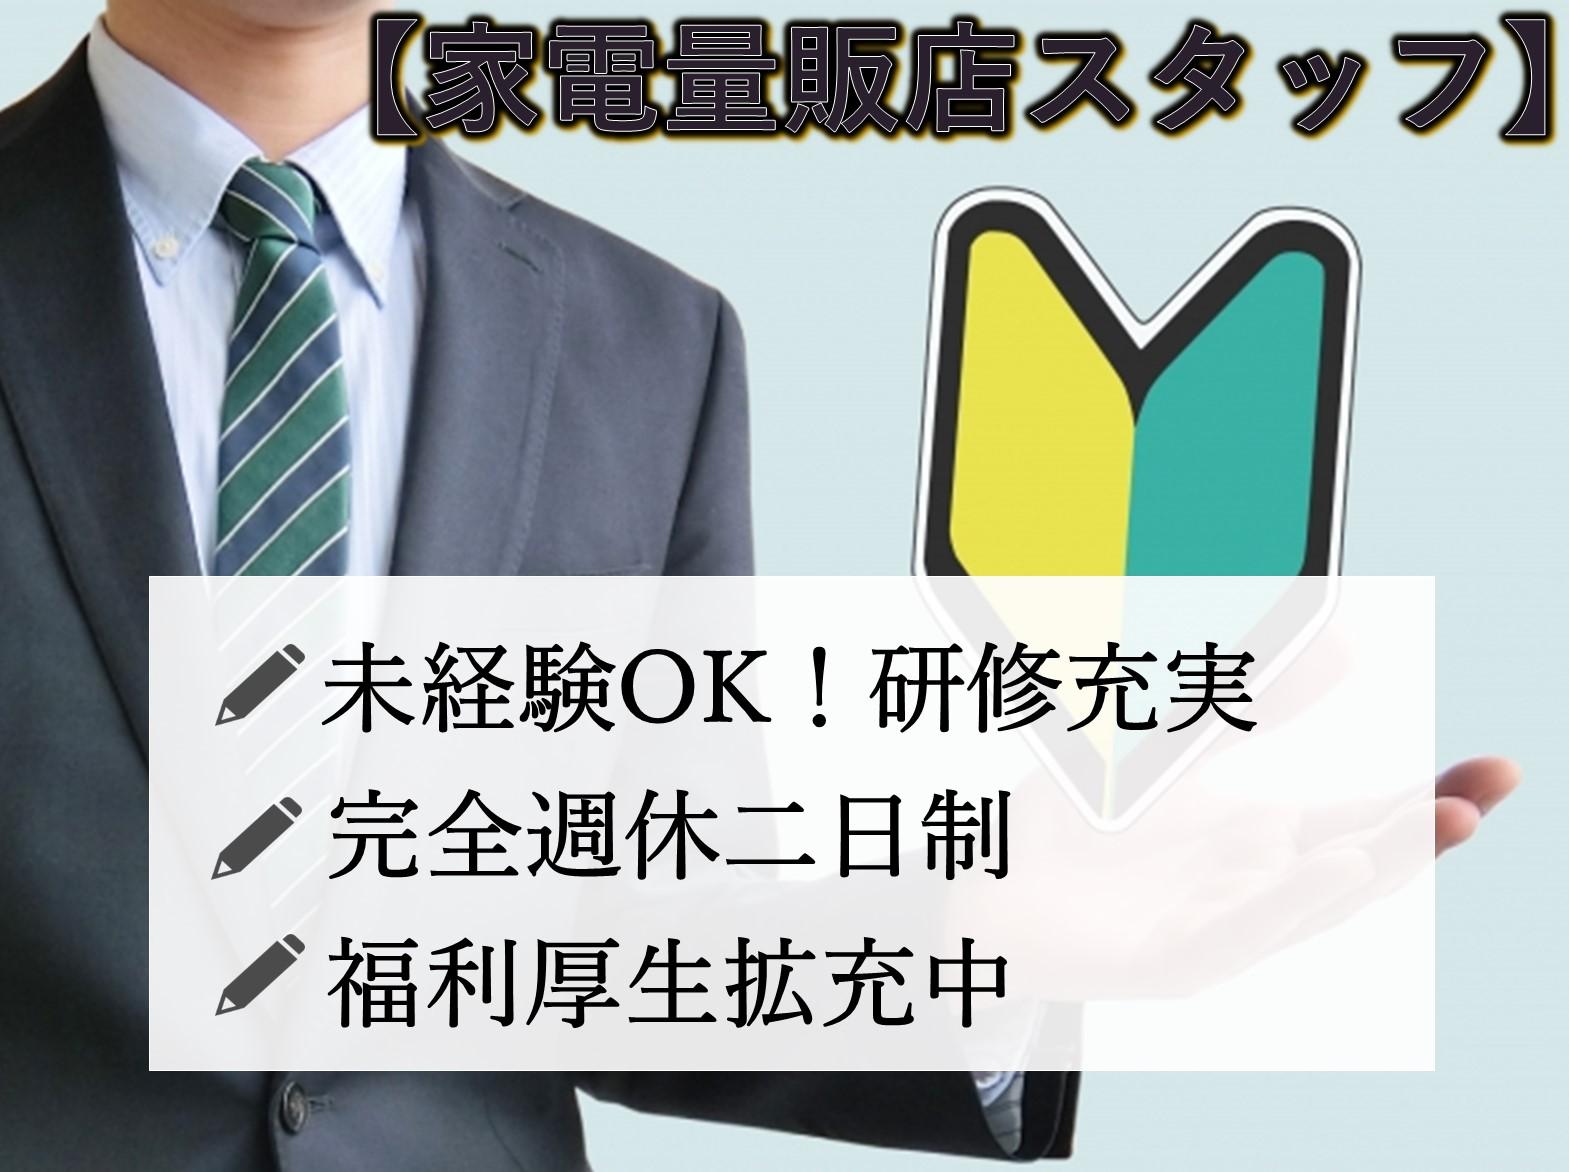 静岡県浜松市【急募】未経験OK!福利厚生拡充中◎家電量販店スタッフ イメージ